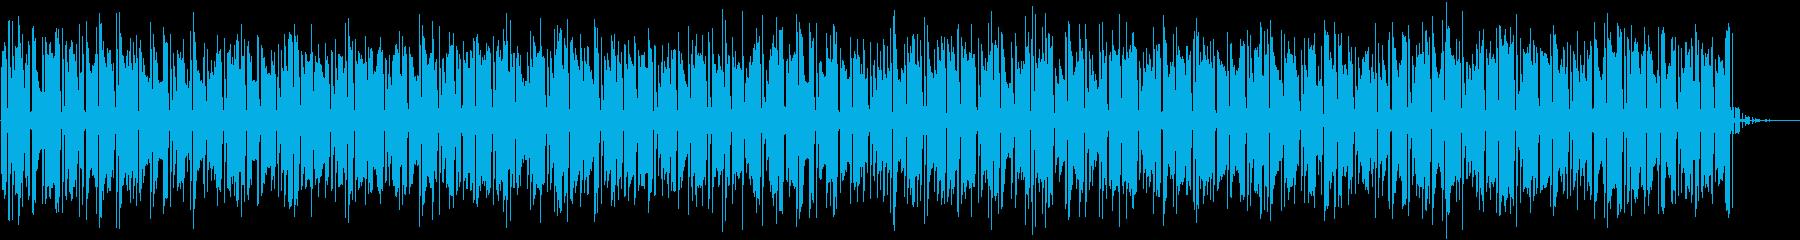 シーケンス グリッティベースシーケ...の再生済みの波形